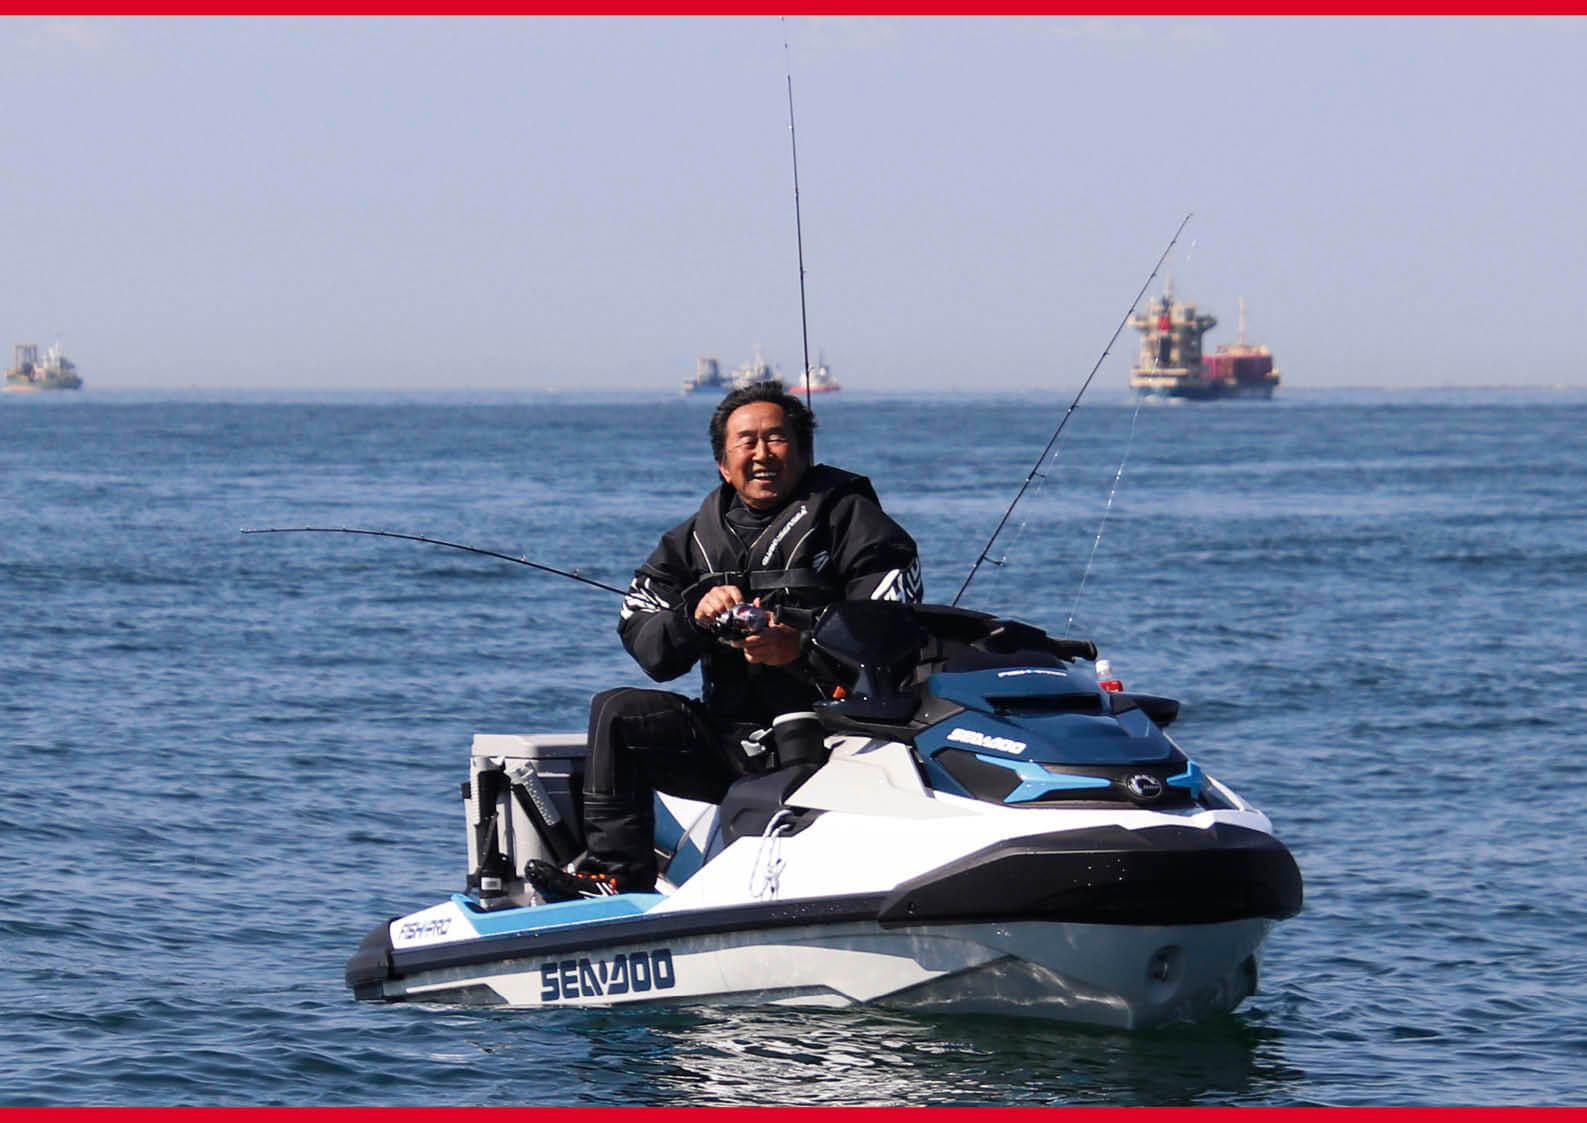 ジェット(水上バイク)で魚を釣る ジェットフィッシングのススメ ジェットスキー(水上バイク)